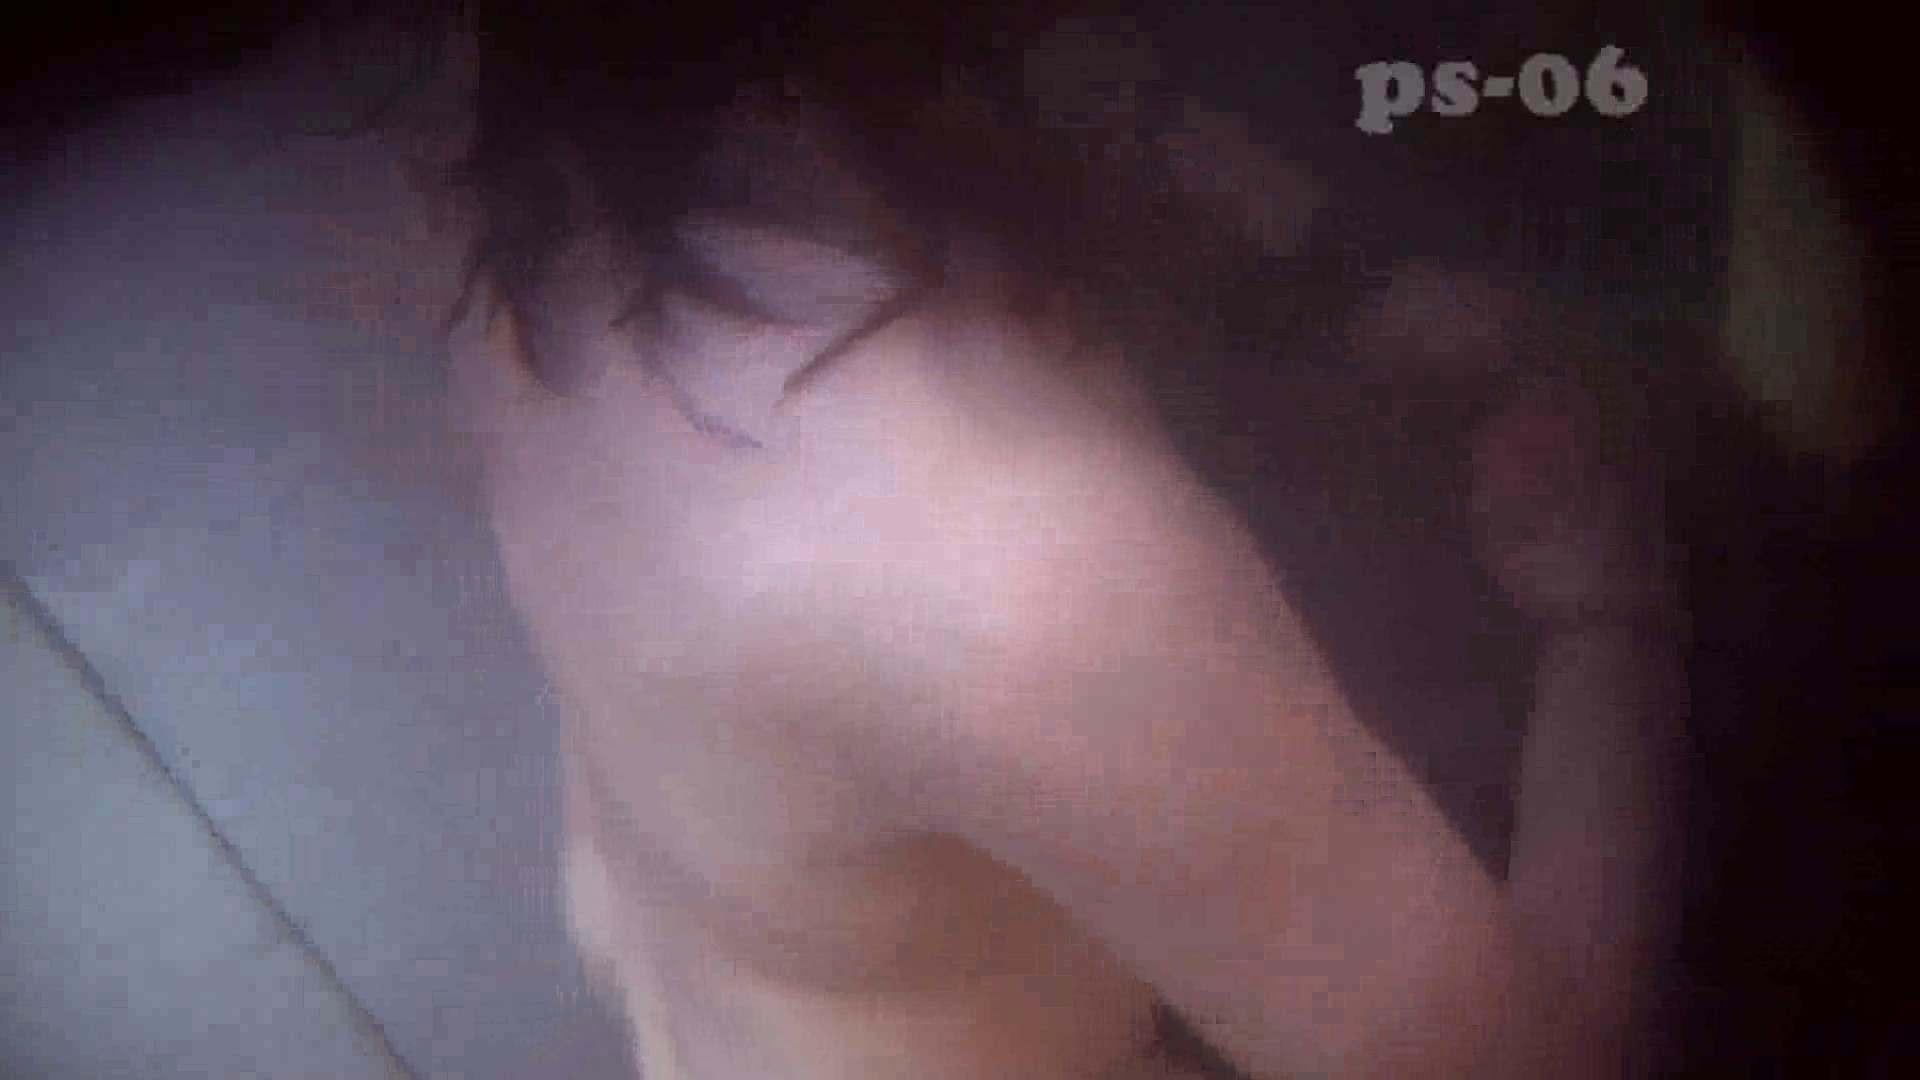 シャワールームは危険な香りVol.6(ハイビジョンサンプル版) 名人   盗撮  67画像 57